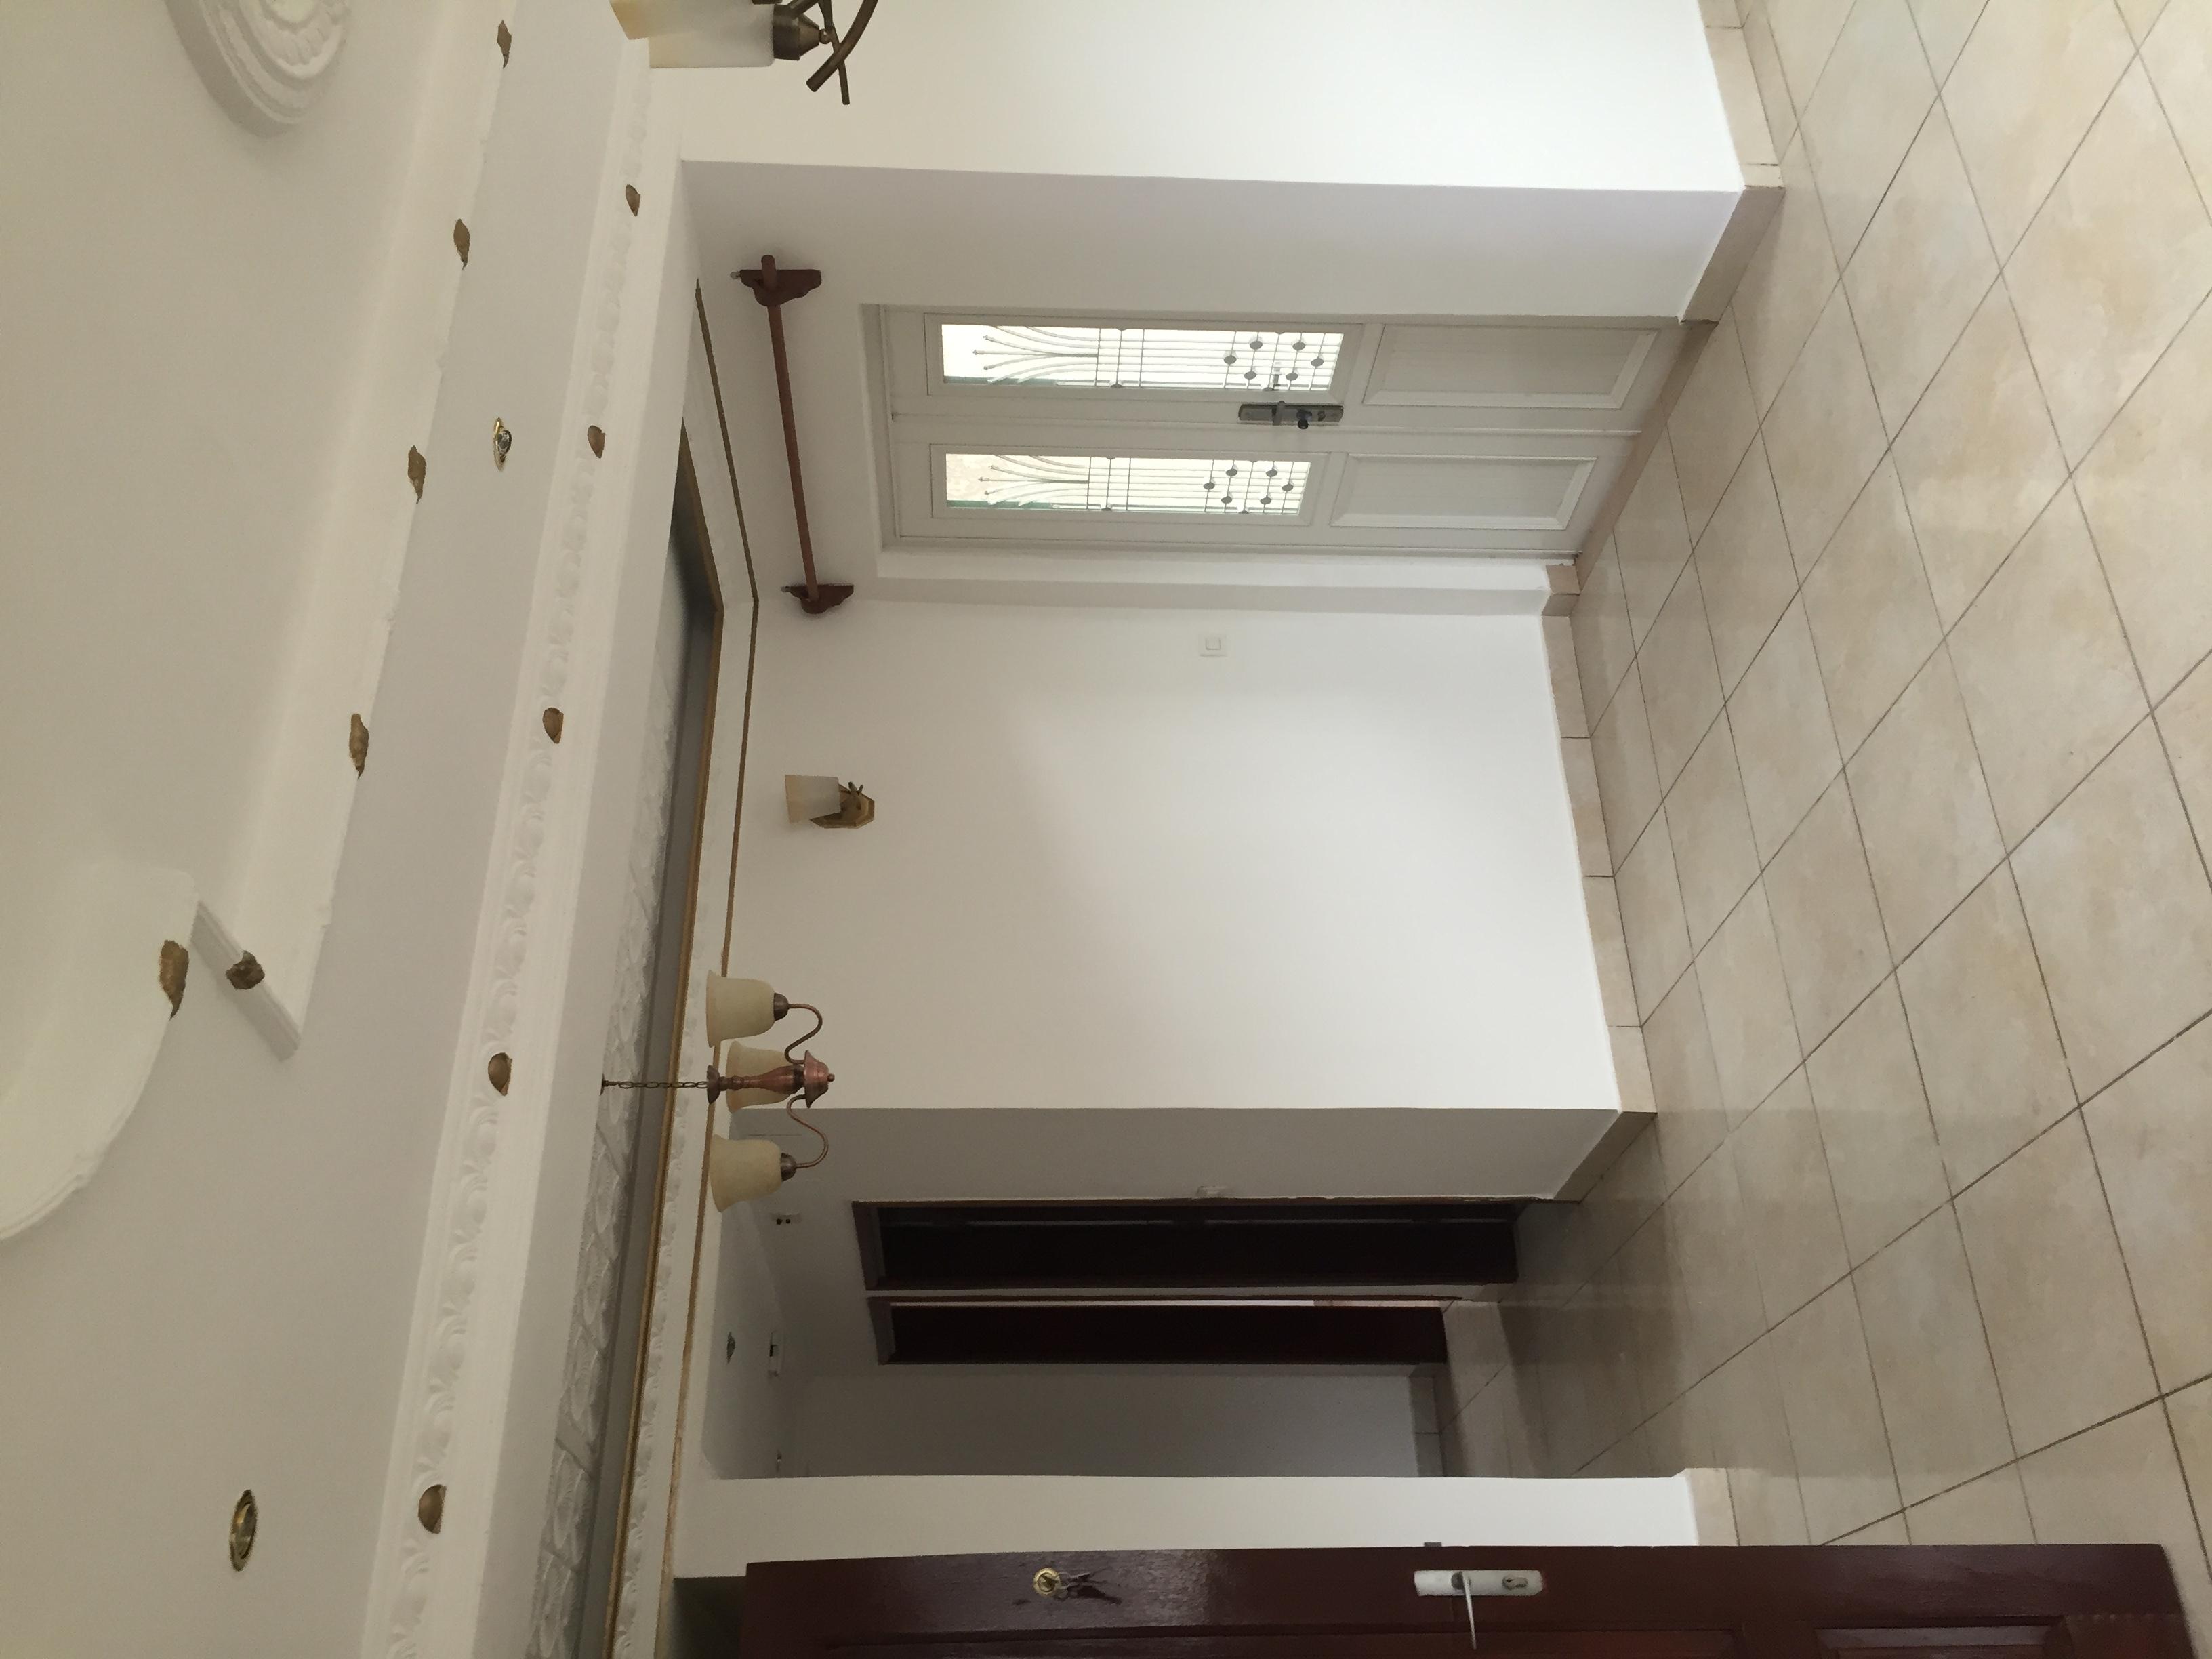 Appartement à louer - Yaoundé, Nsimeyong, Shell - 1 salon(s), 2 chambre(s), 1 salle(s) de bains - 200 000 FCFA / mois